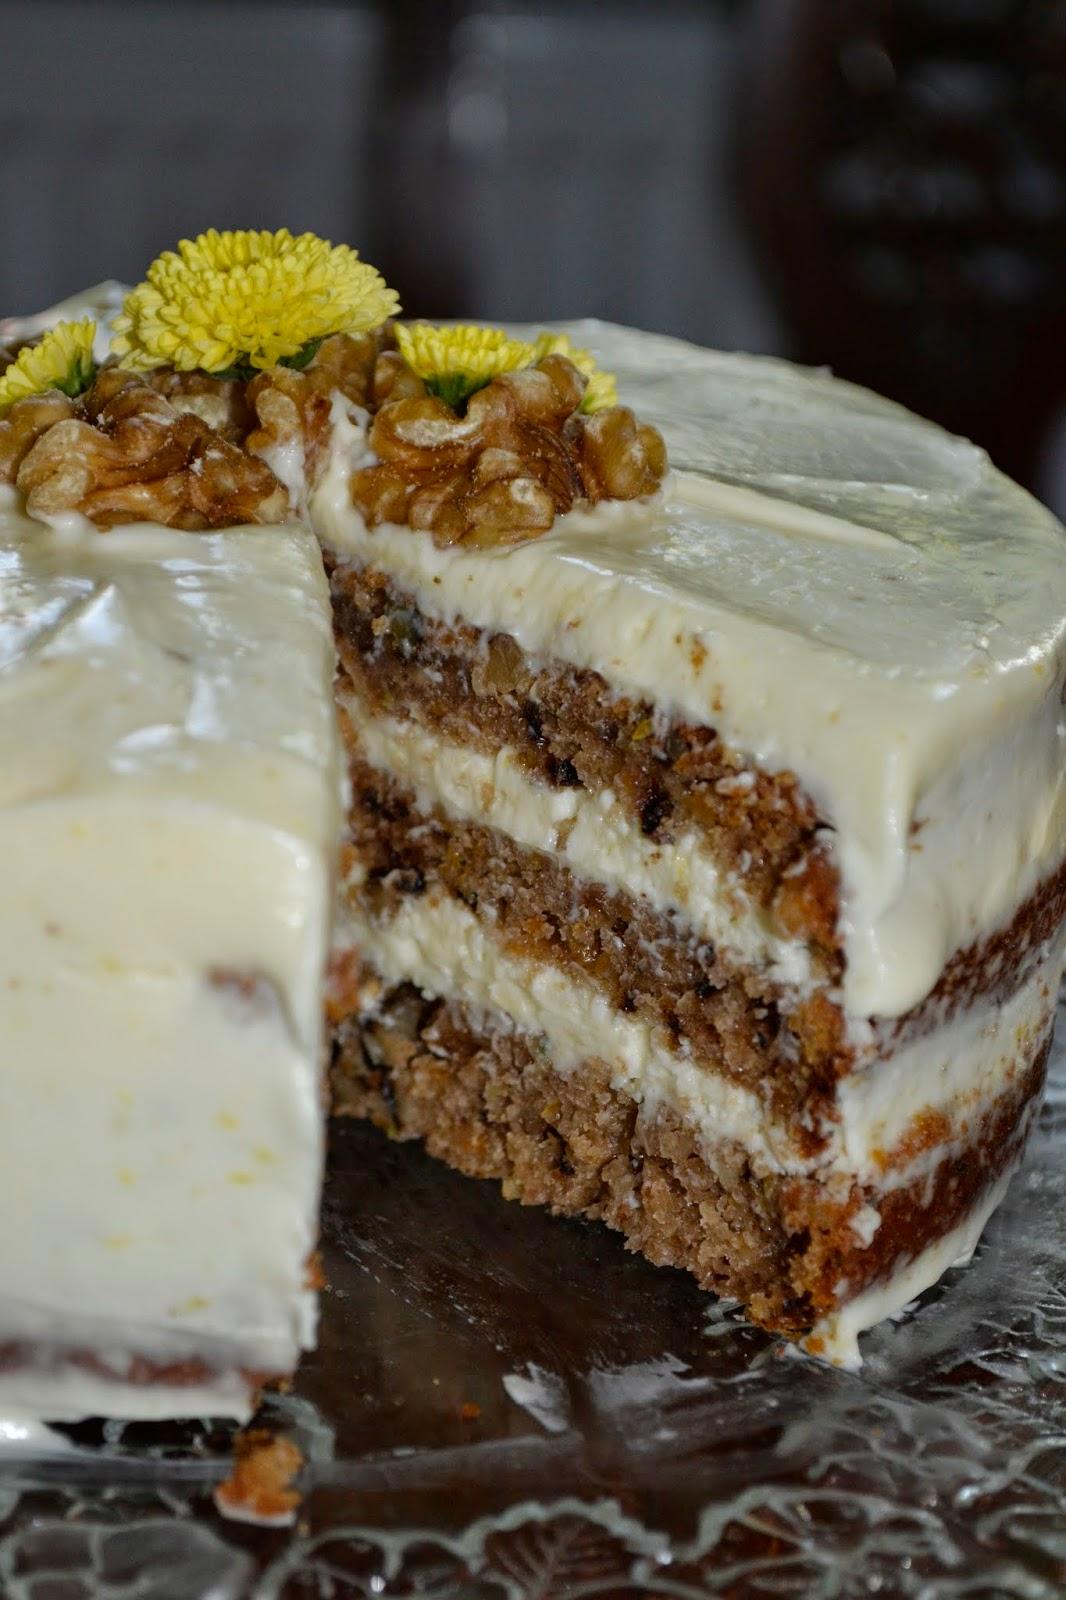 Willkommen bei Mybashion - Ein kleiner Foodblog